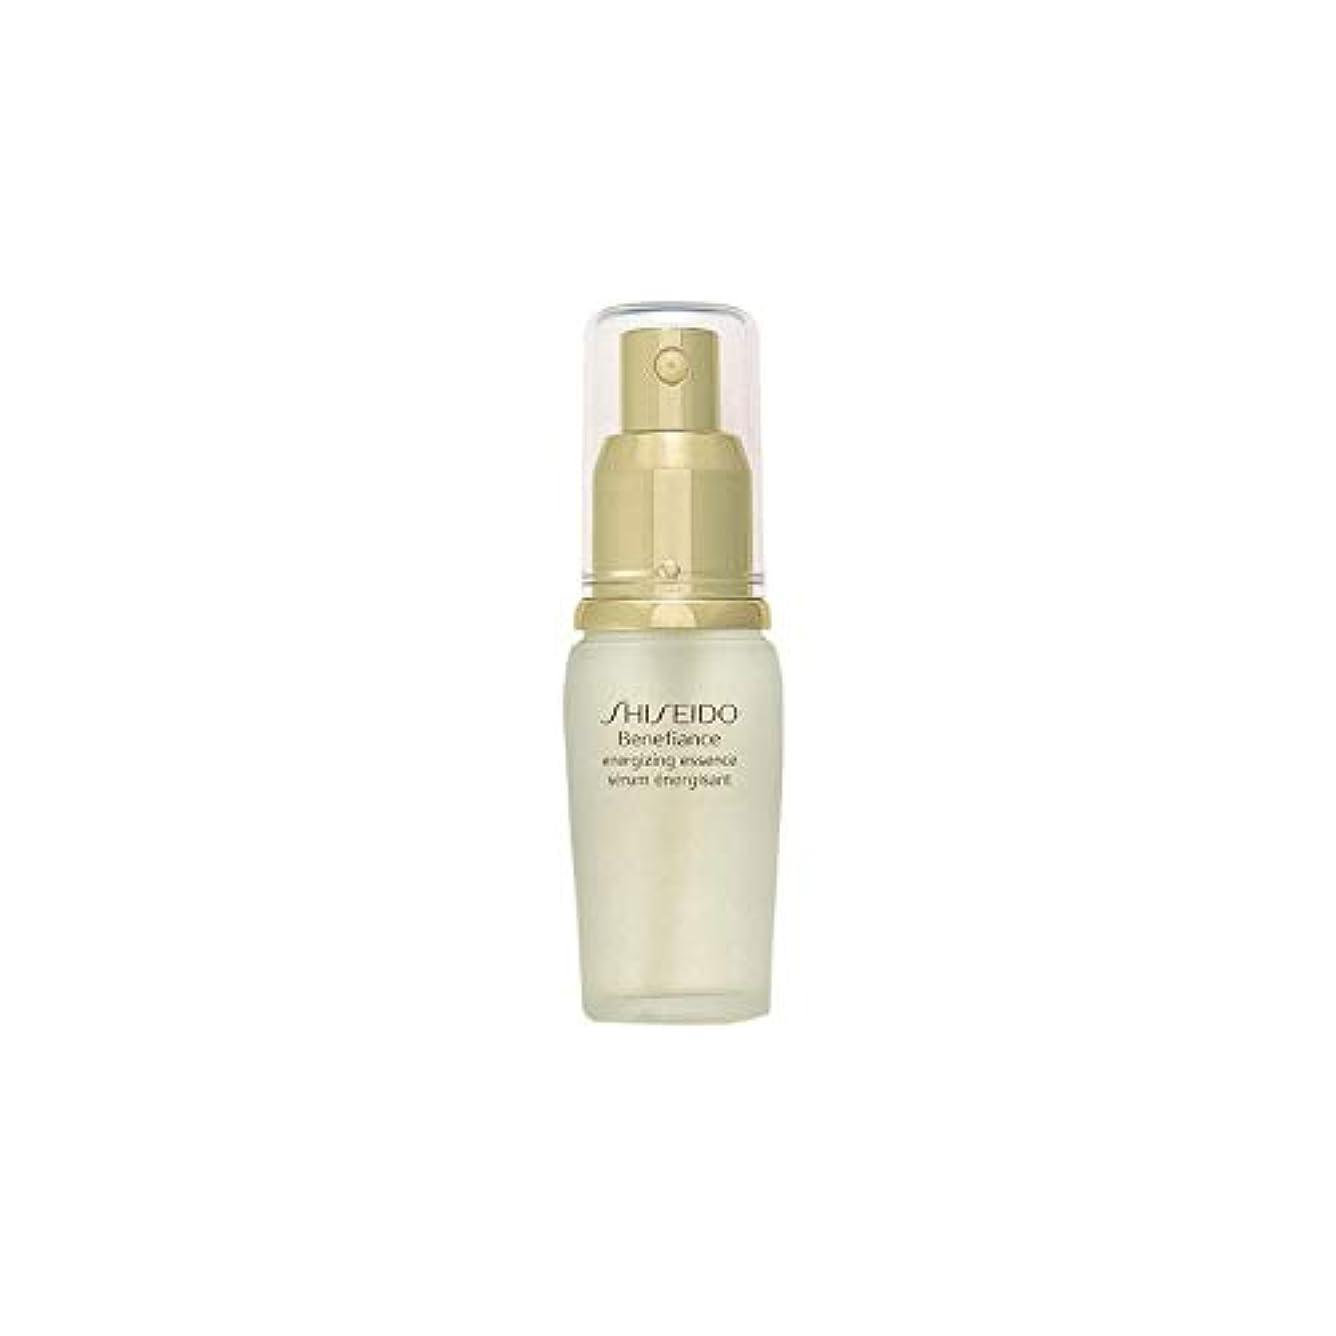 処理する復讐ケーブル[Shiseido] 資生堂ベネフィアンス通電エッセンス(30ミリリットル) - Shiseido Benefiance Energising Essence (30ml) [並行輸入品]